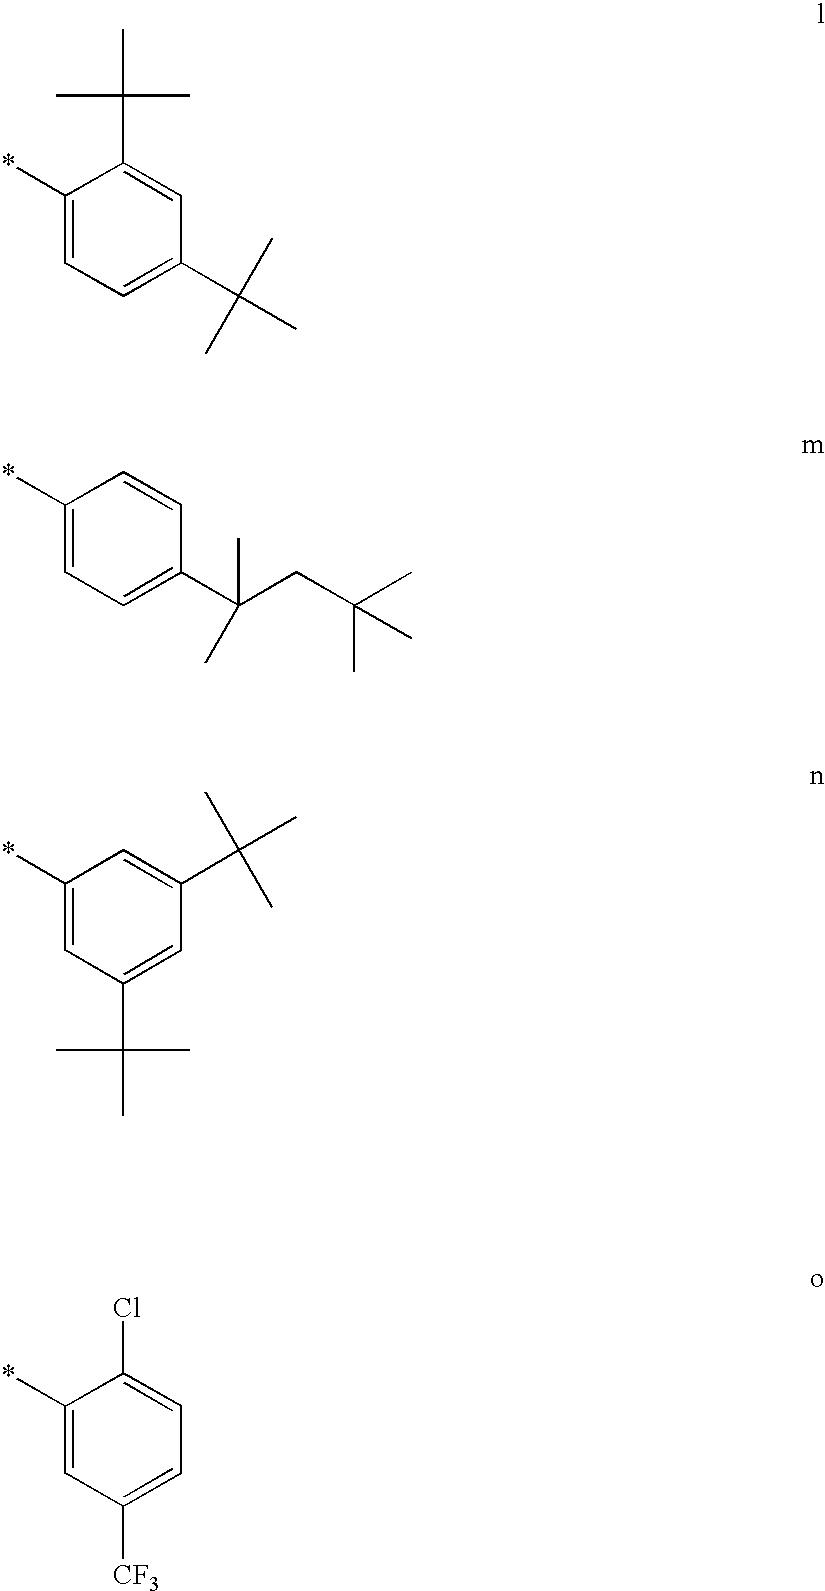 Figure US07160380-20070109-C00019